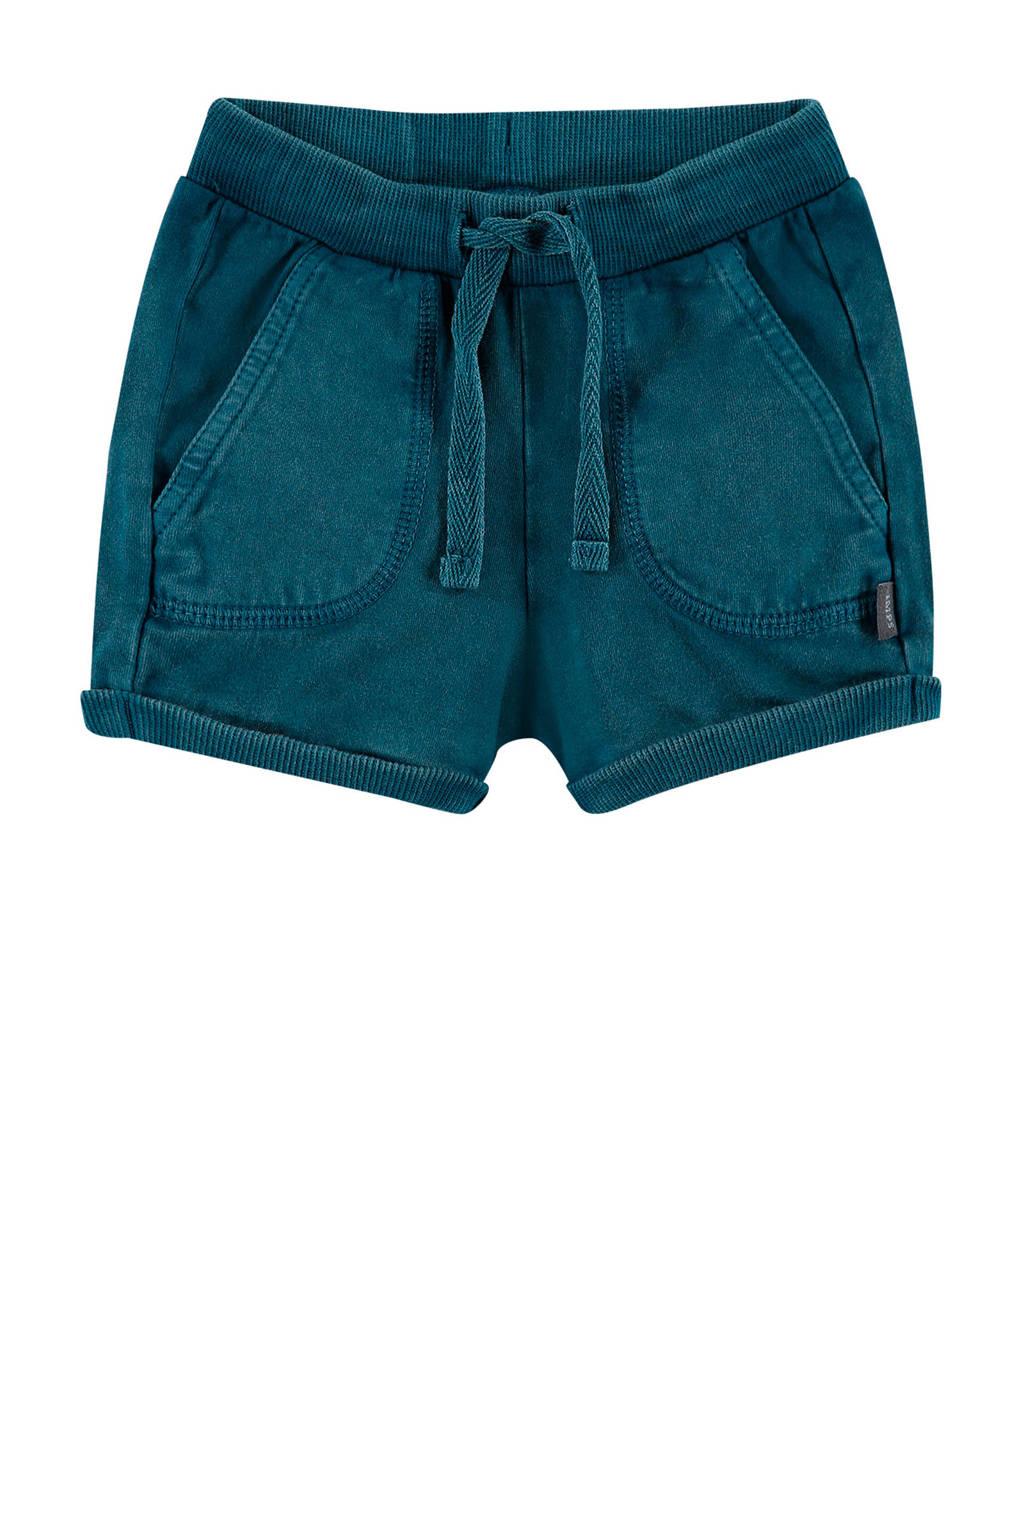 IMPS&ELFS baby regular fit short Campbell met biologisch katoen donkerblauw, Donkerblauw